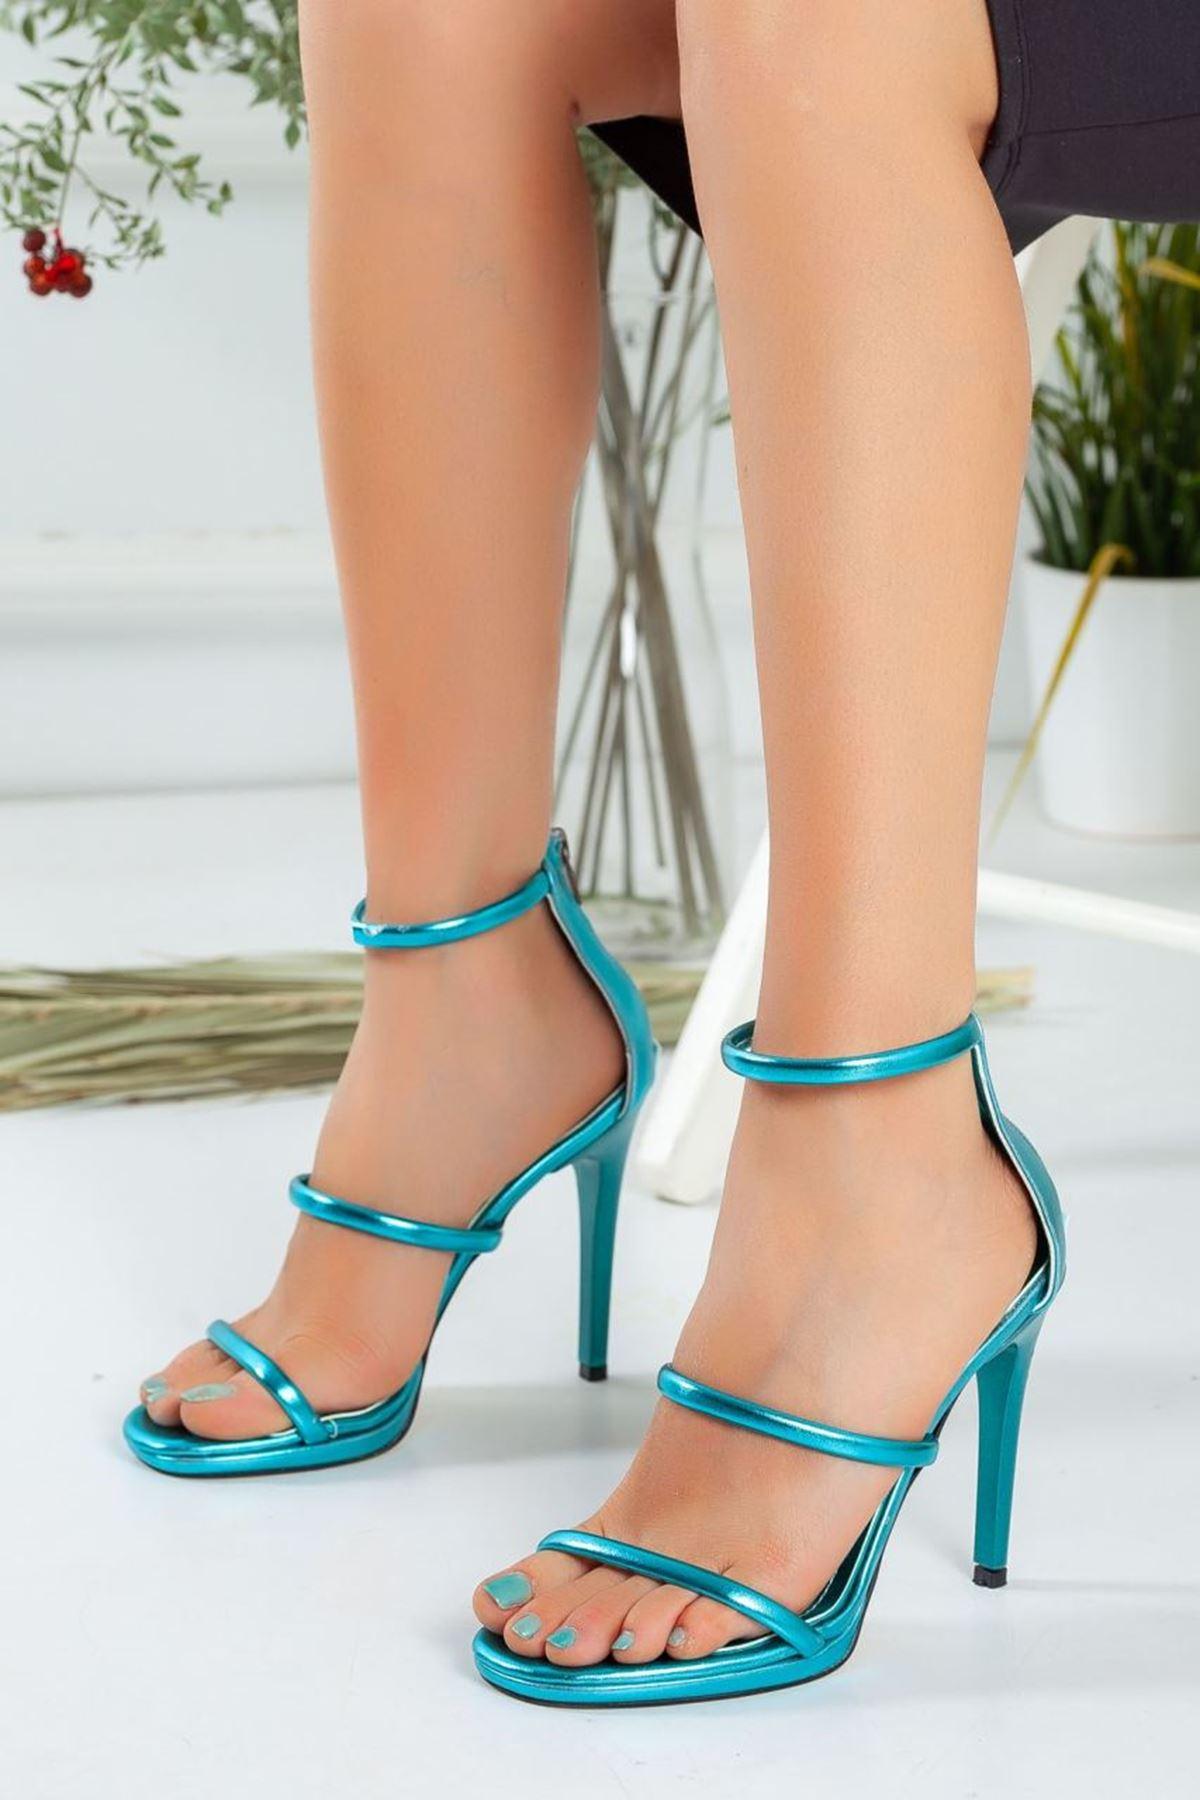 Kadın Melus Mat Deri İnce Bant Detaylı Yüksek Topuklu Metalik Mavi